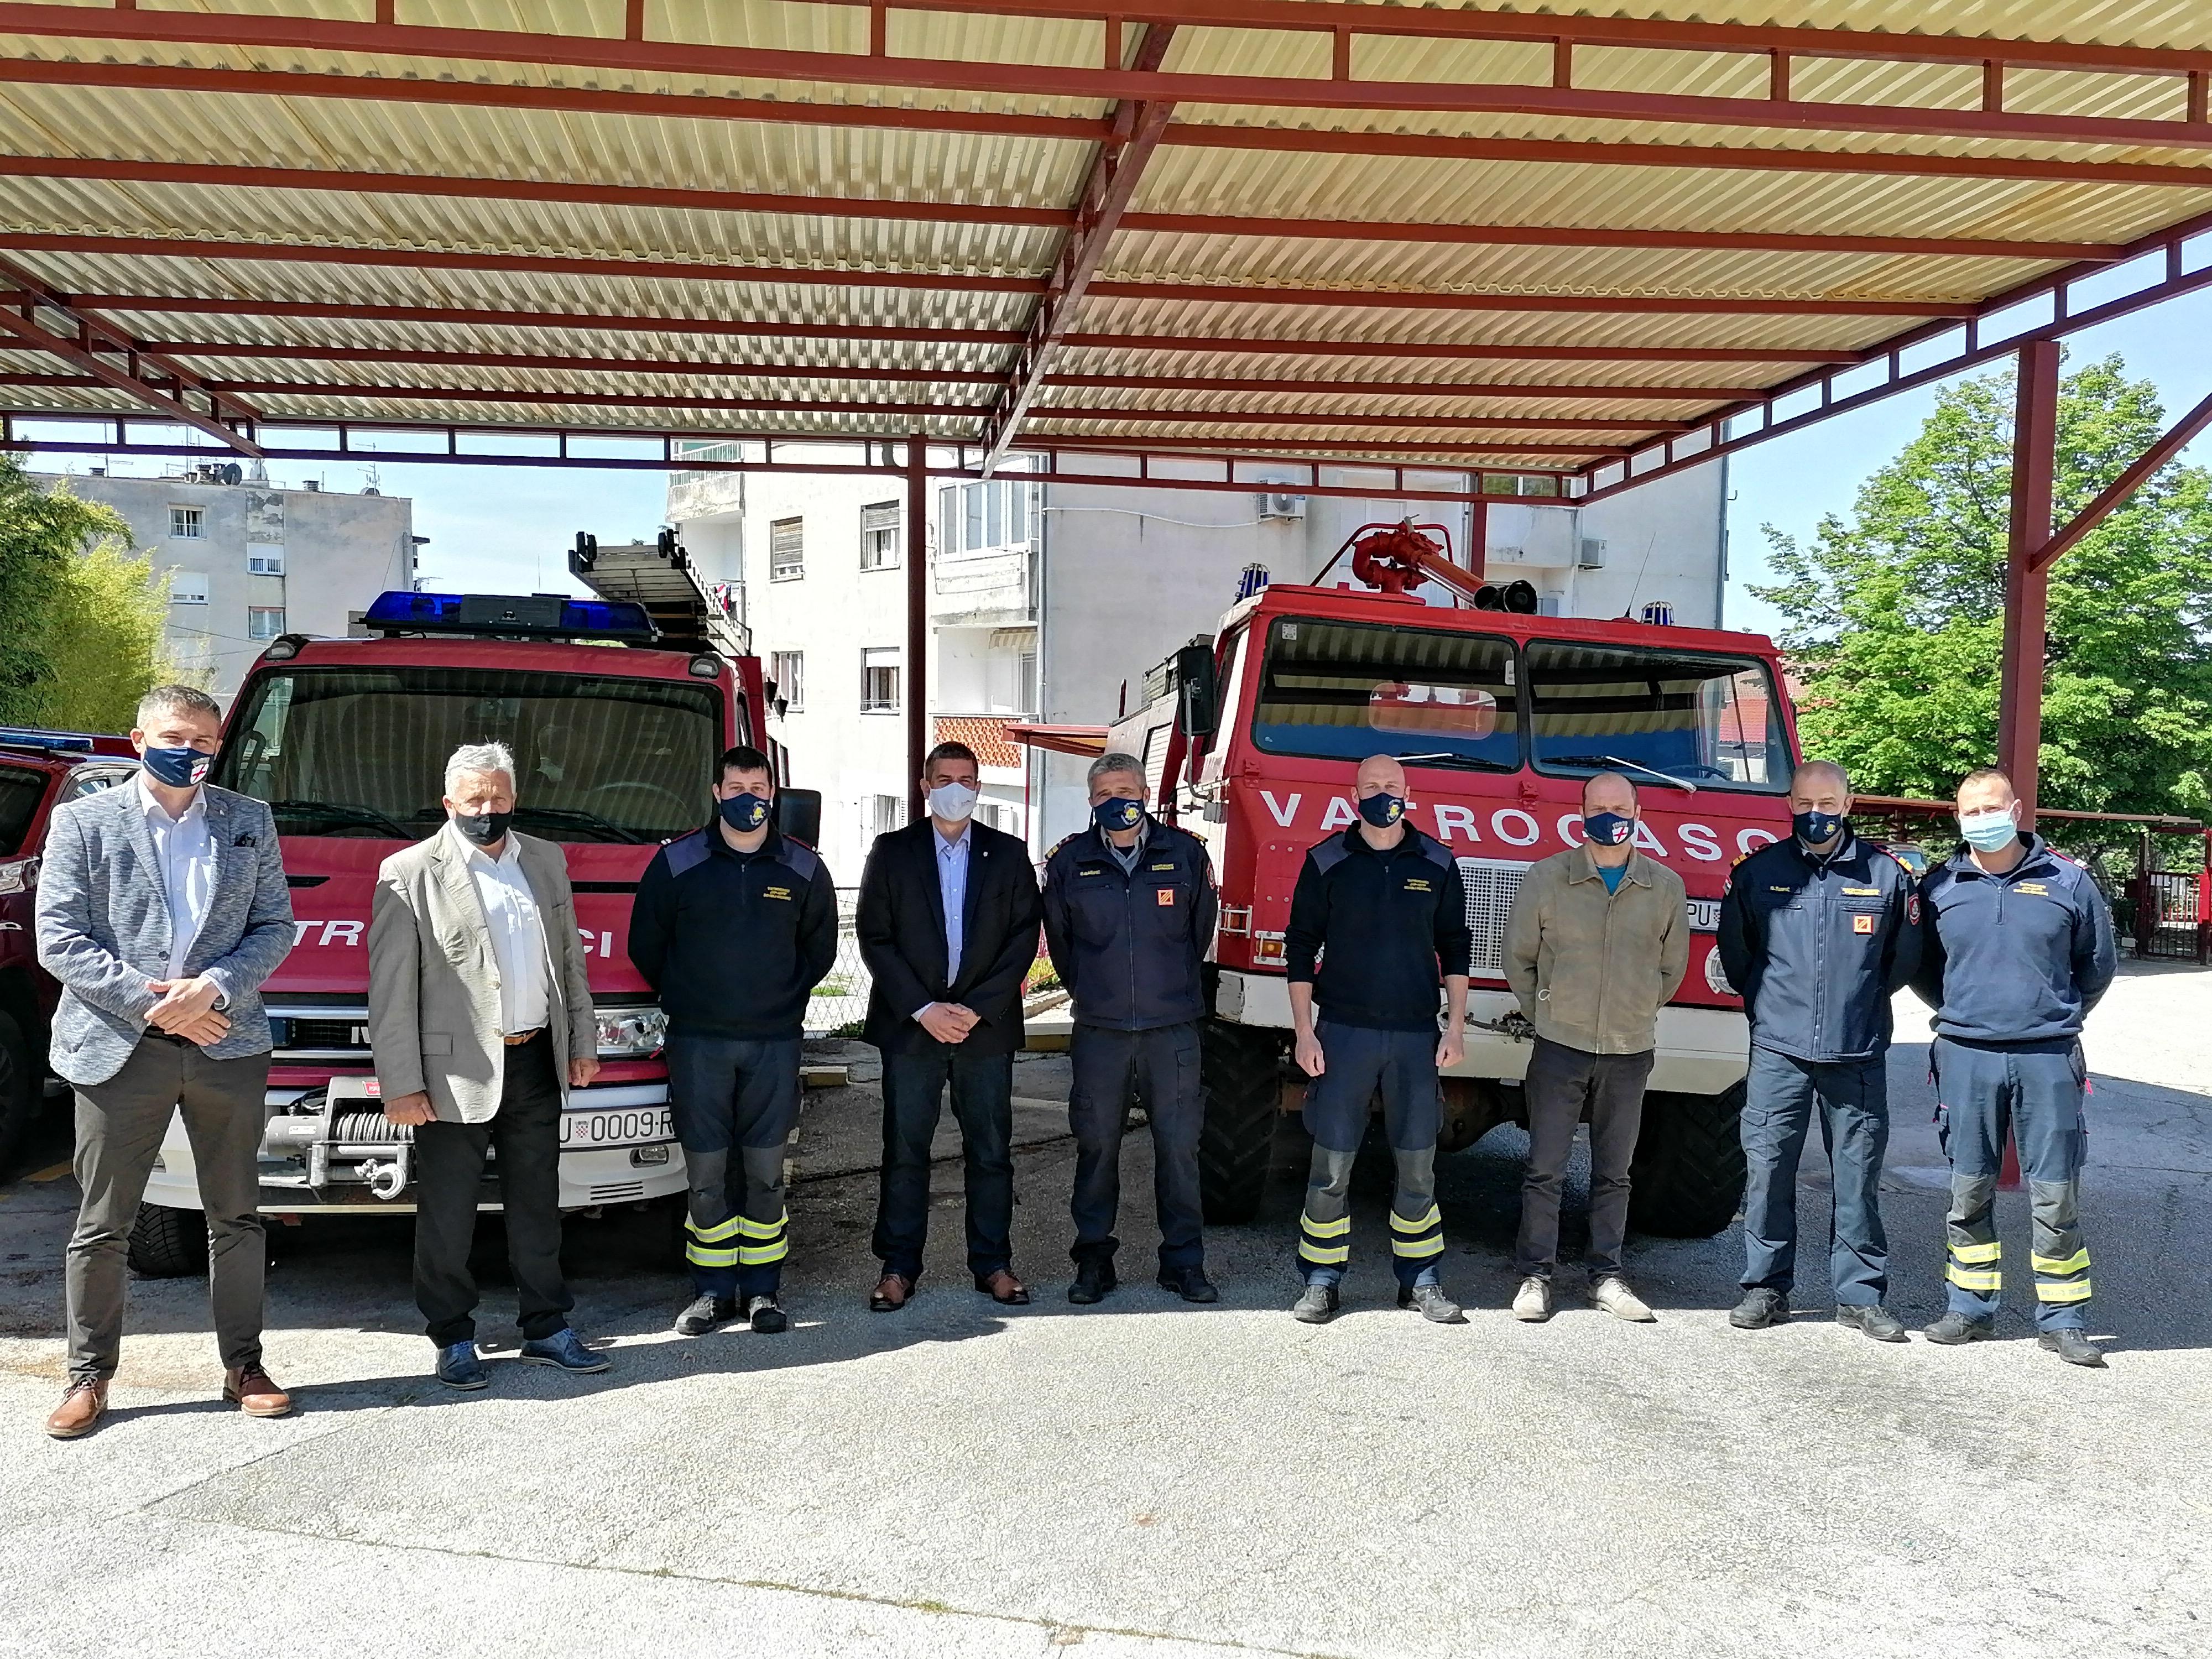 Gradonačelnik Marko Paliaga rovinjskim vatrogascima i volonterima čestitao blagdan sv. Florijana